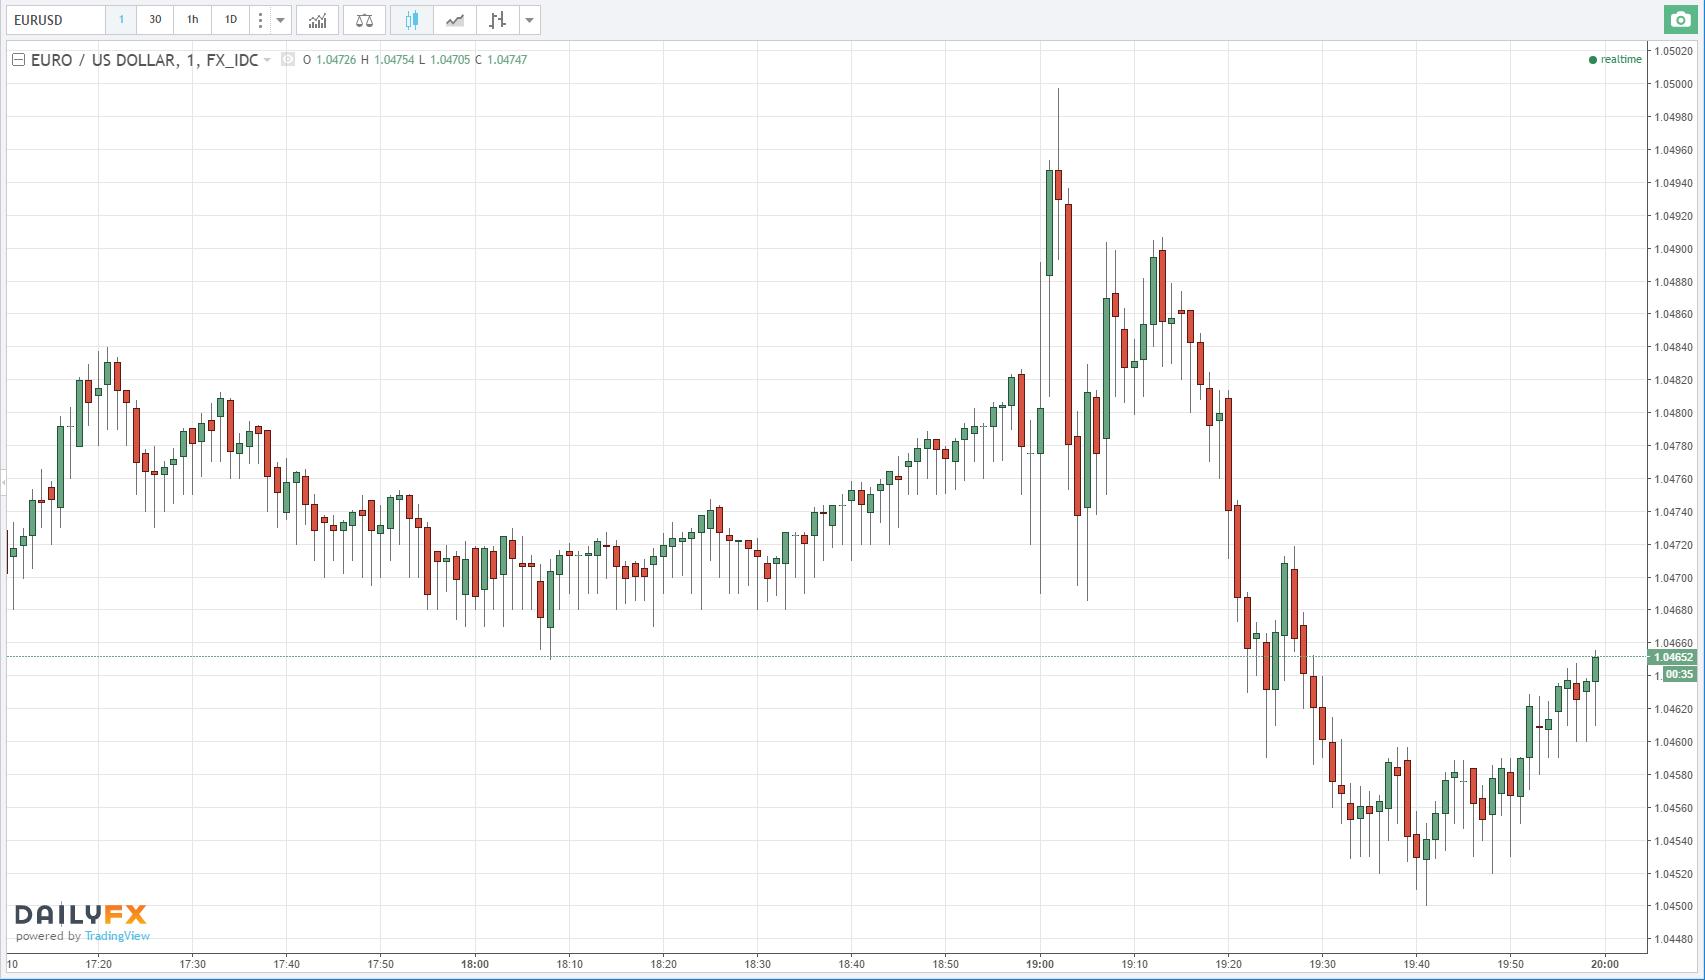 Minutas de la Fed: Directivos del Banco Central Esperan un Reajuste Gradual de la Política Monetaria